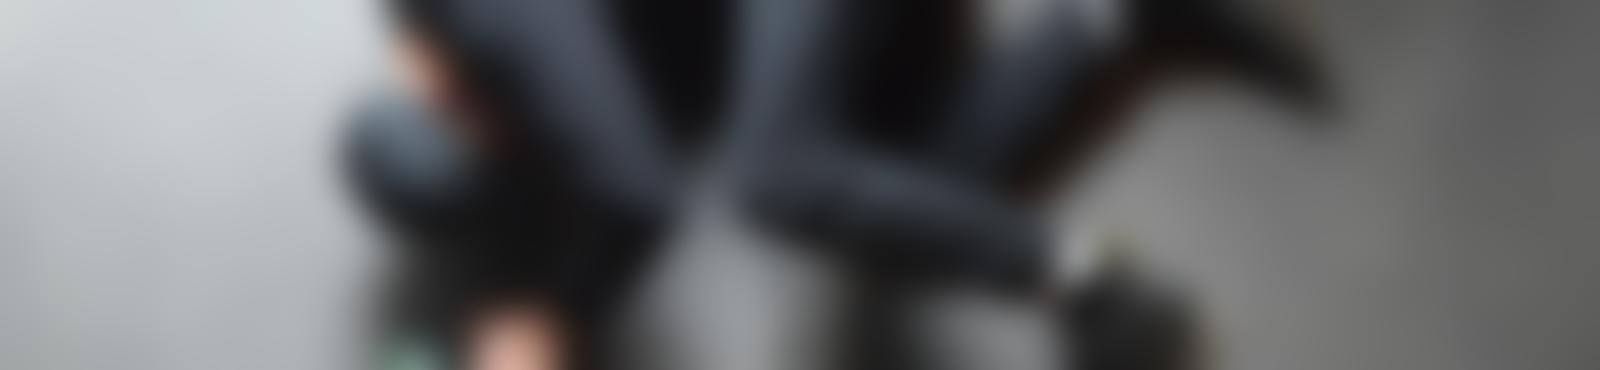 Blurred bd284e70 8dd1 4f59 a46d 829e5e6d530f